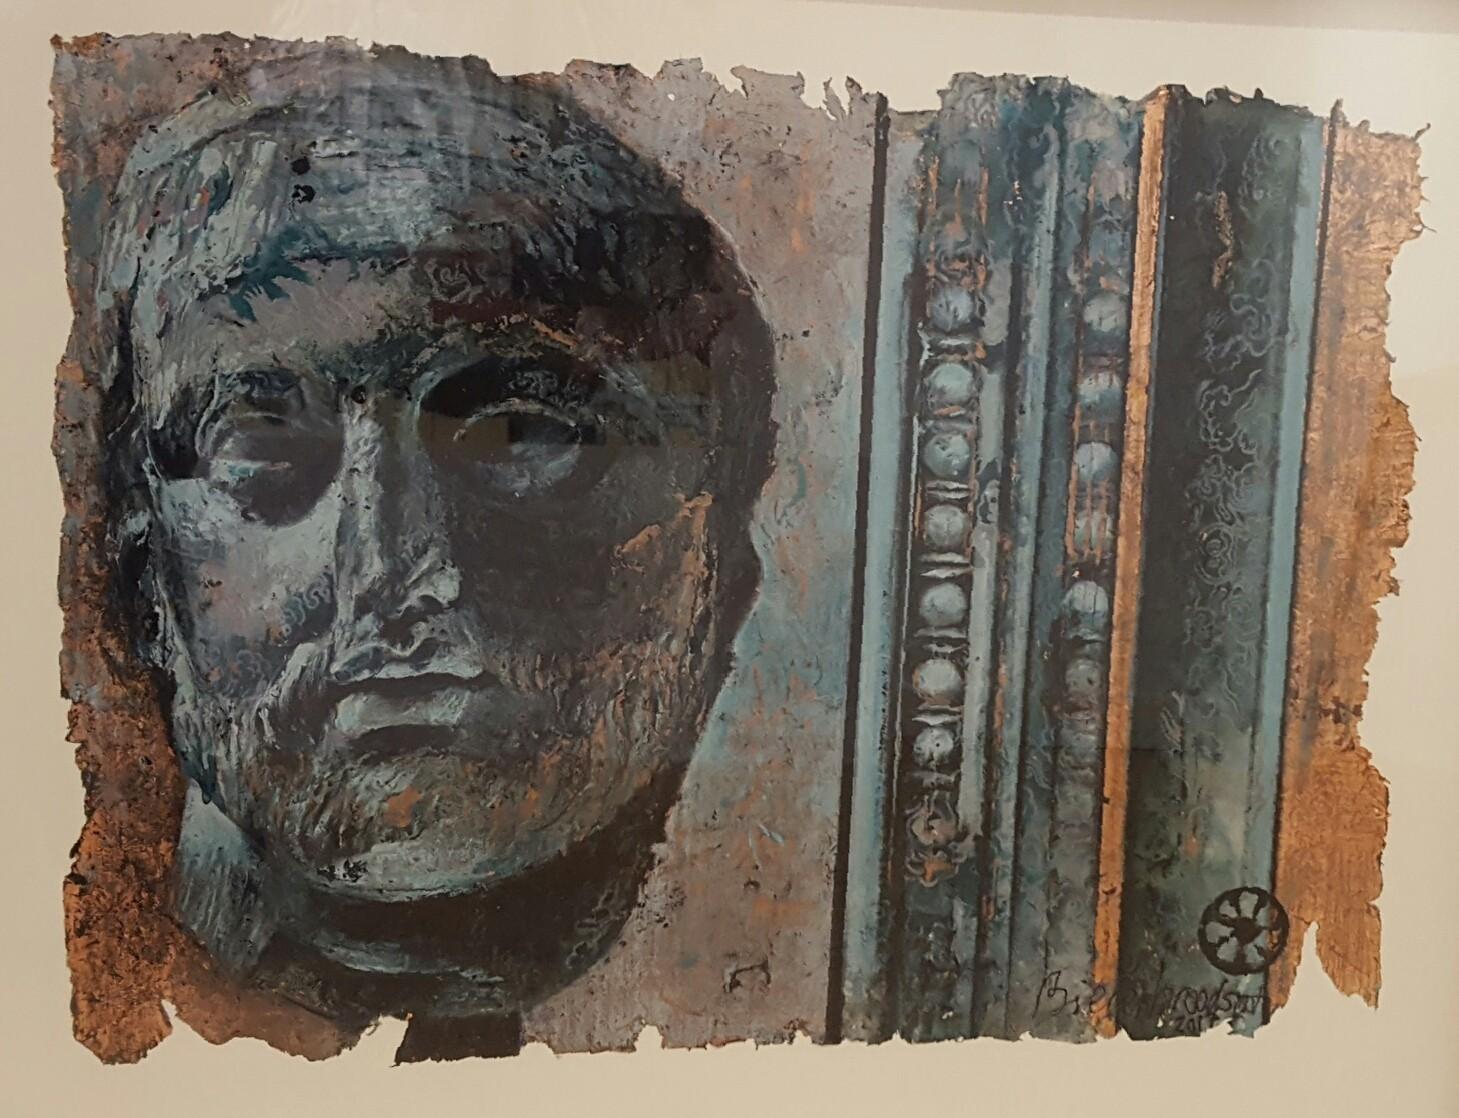 Bierenbroodspot | Pericles I